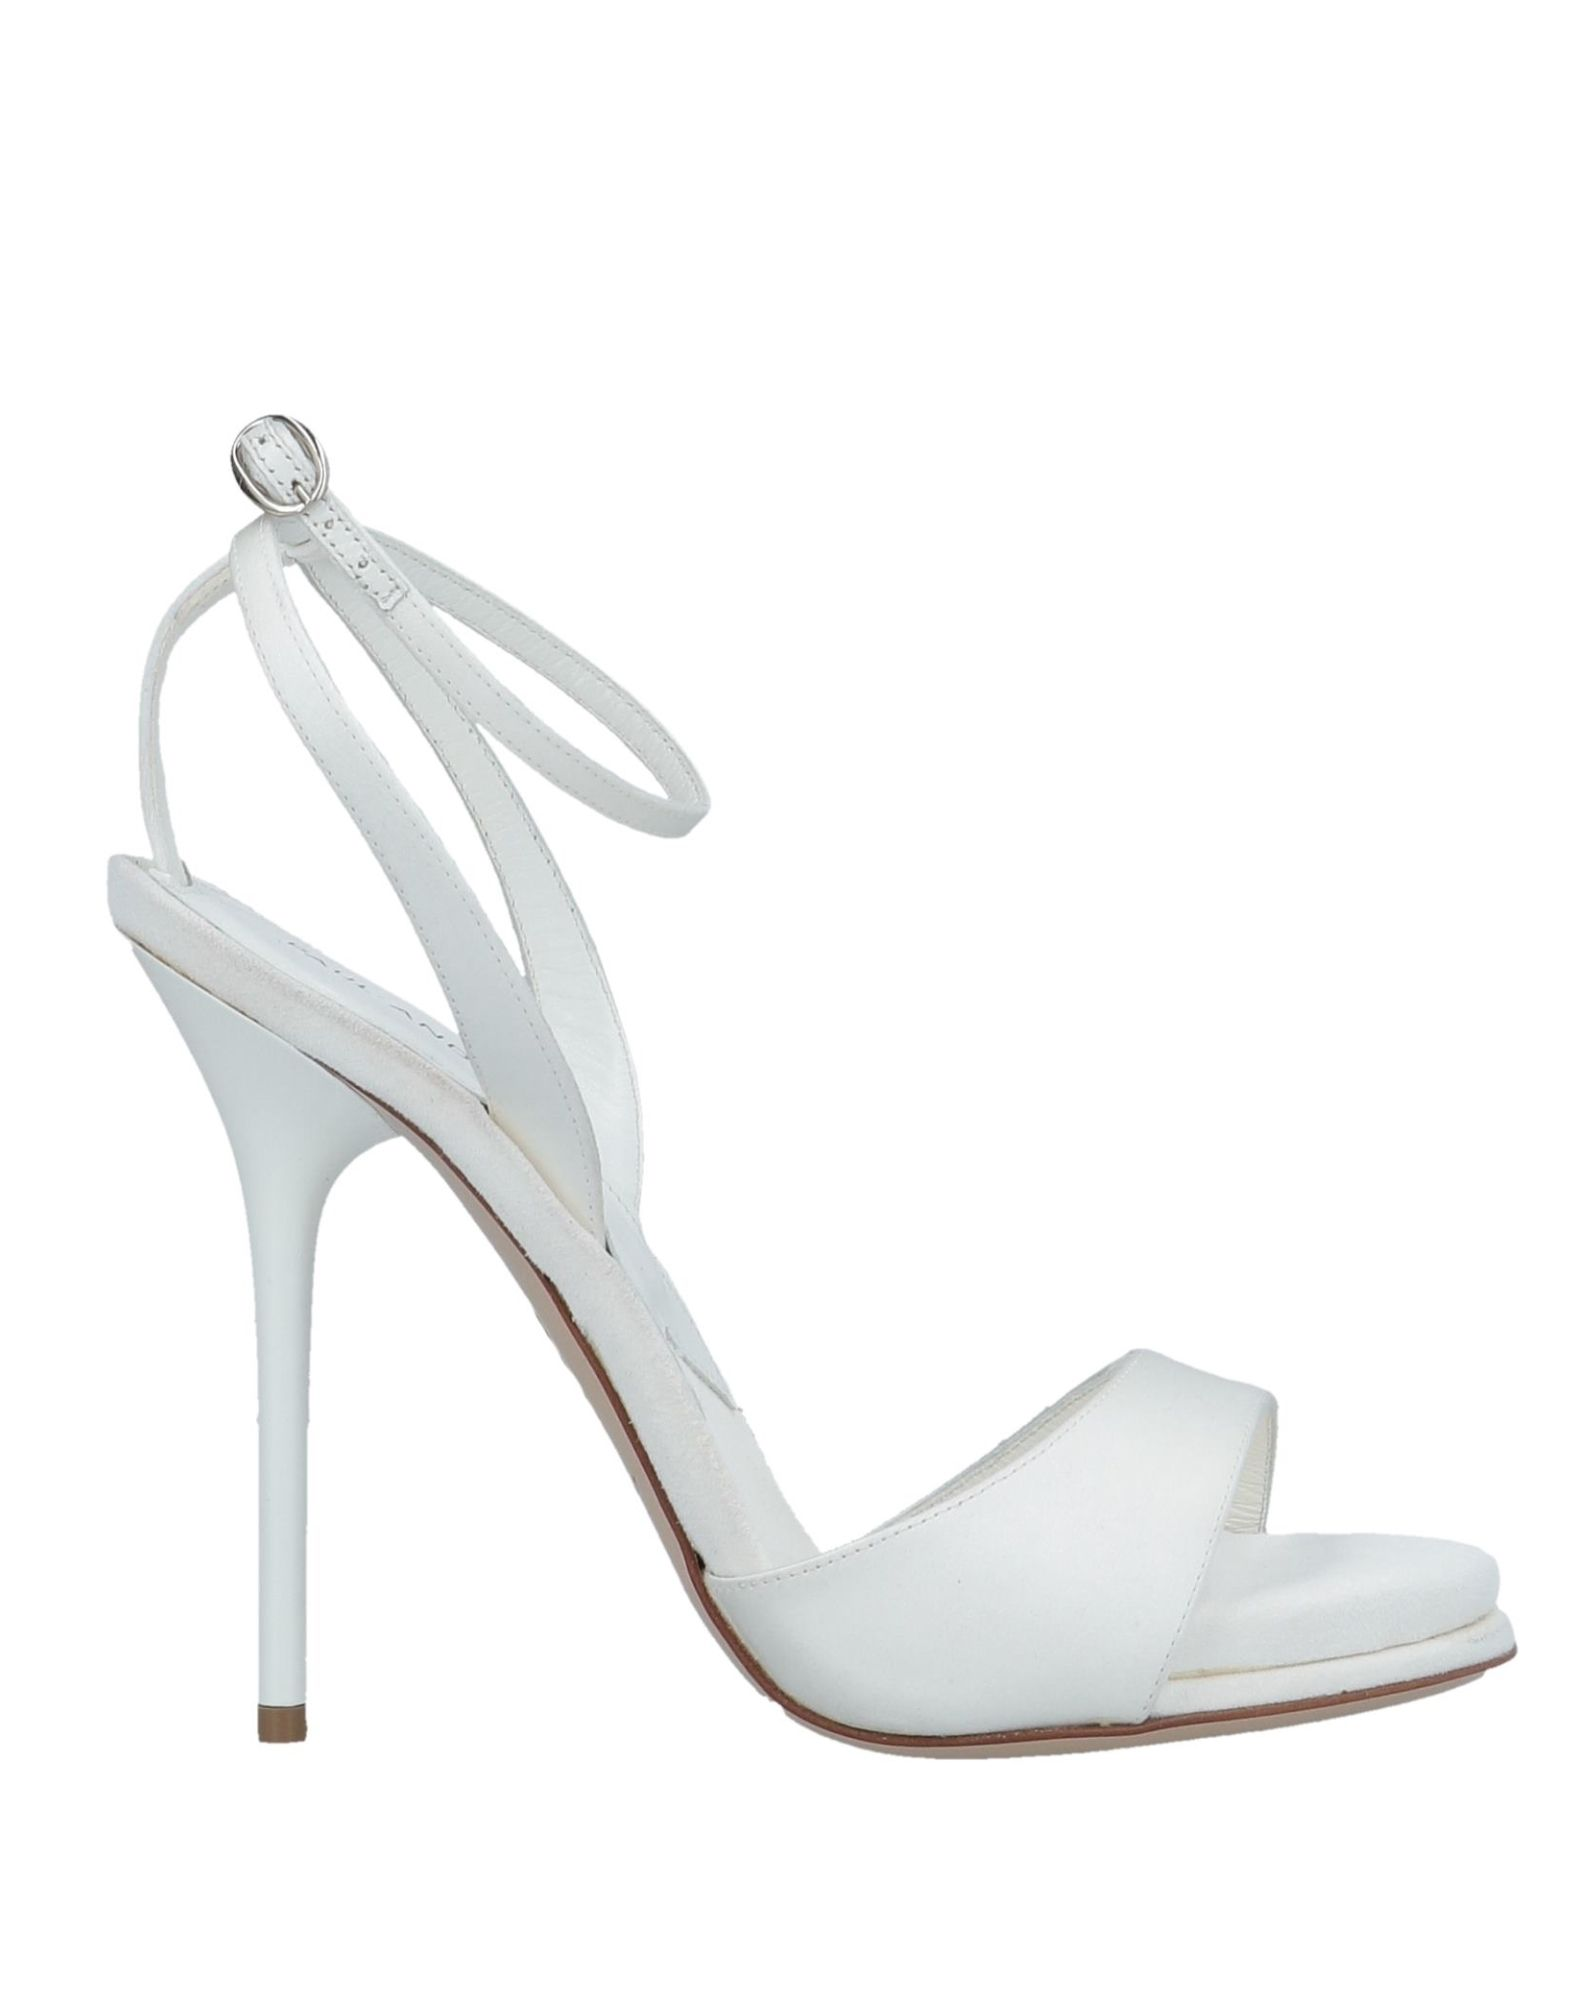 Paul Andrew Sandalen Damen  11552759MNGünstige gut aussehende Schuhe